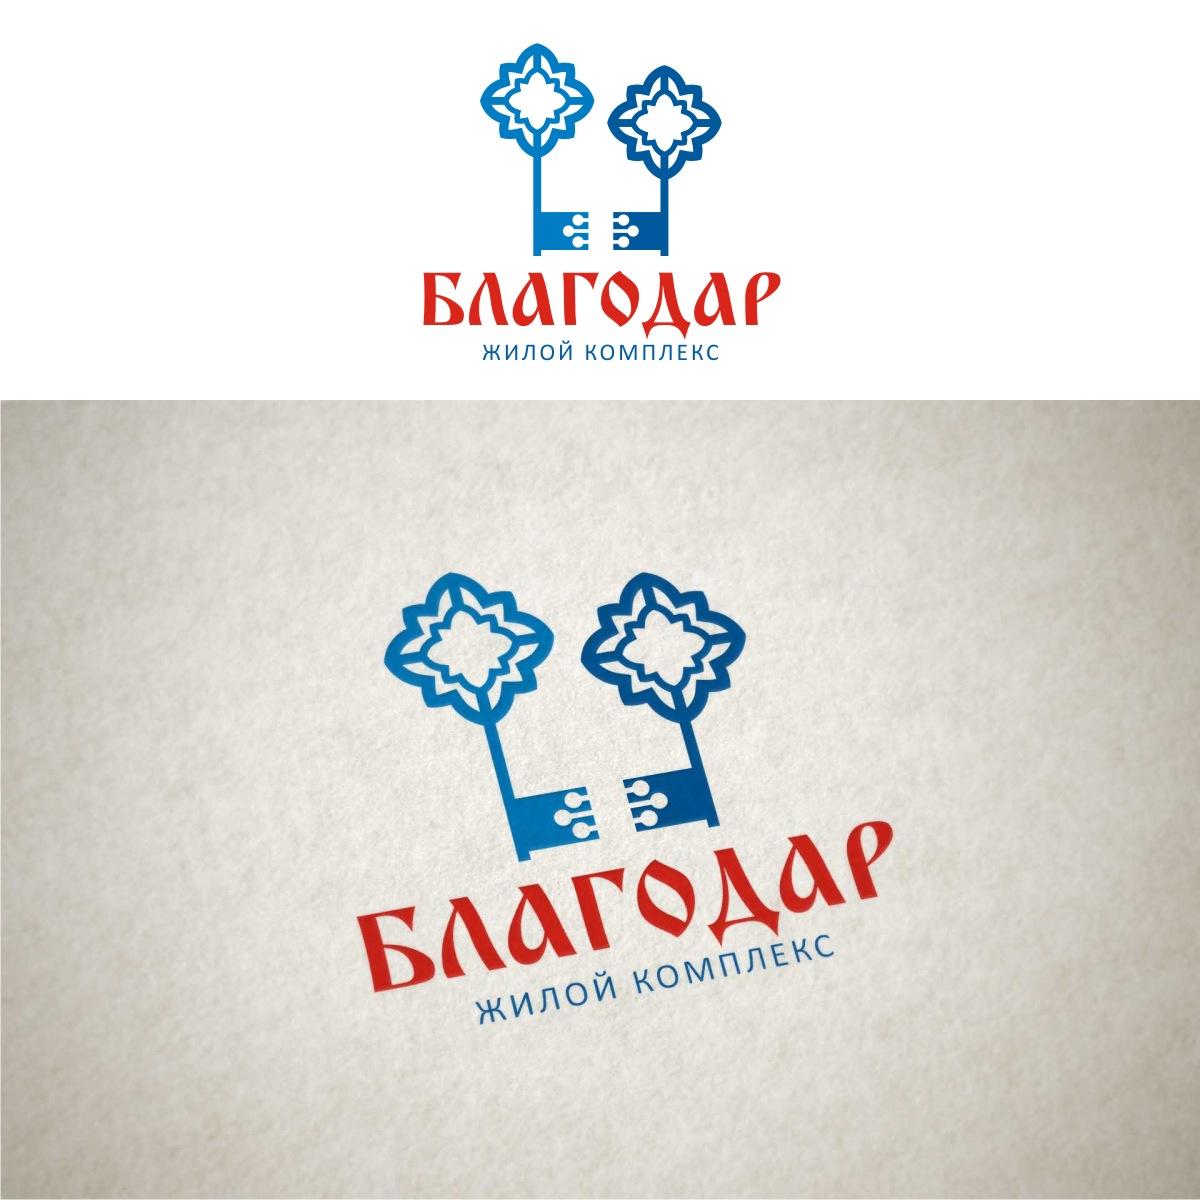 Разработка логотипа и фирменный стиль фото f_4195971f06f7cf9f.jpg